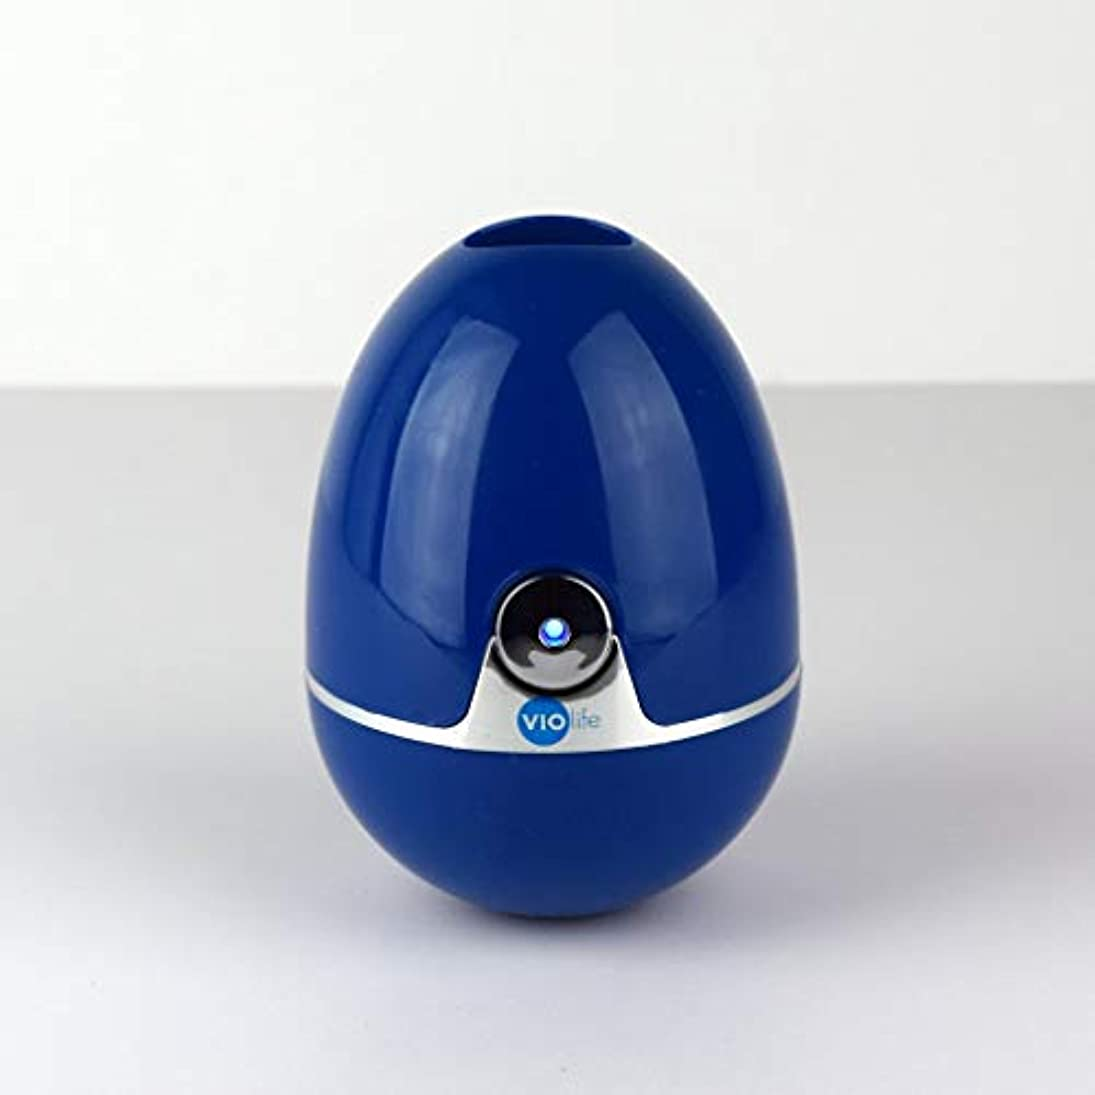 協会五月回転させるZapi luxe UV Toothbrush Sanitizer Cobalt Blue